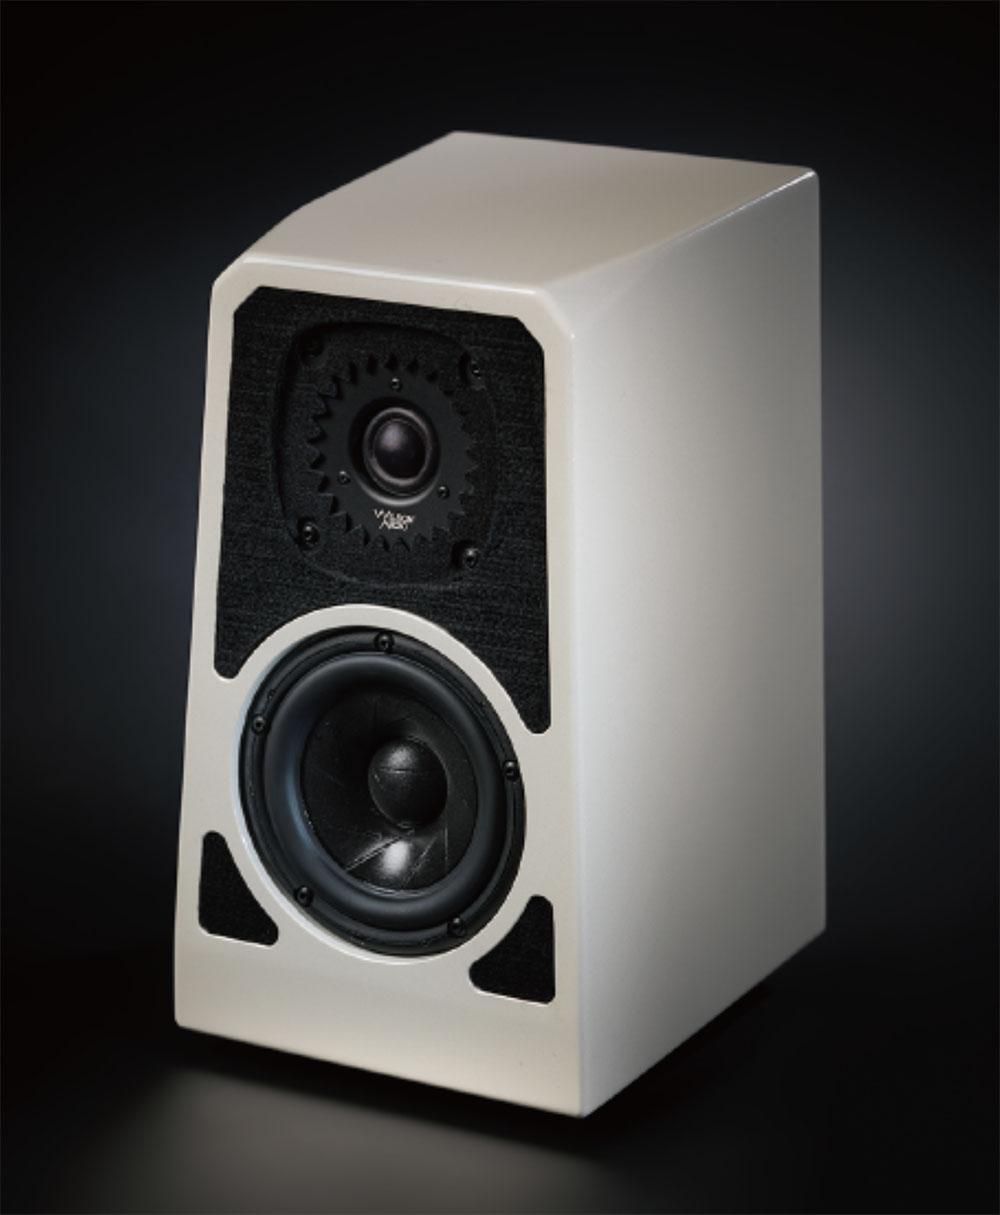 画像2: Wilson Audioから、小型モニタースピーカー「Tune Tot」が登場!伝説の銘機「WATT」を凌ぐ実力とは?